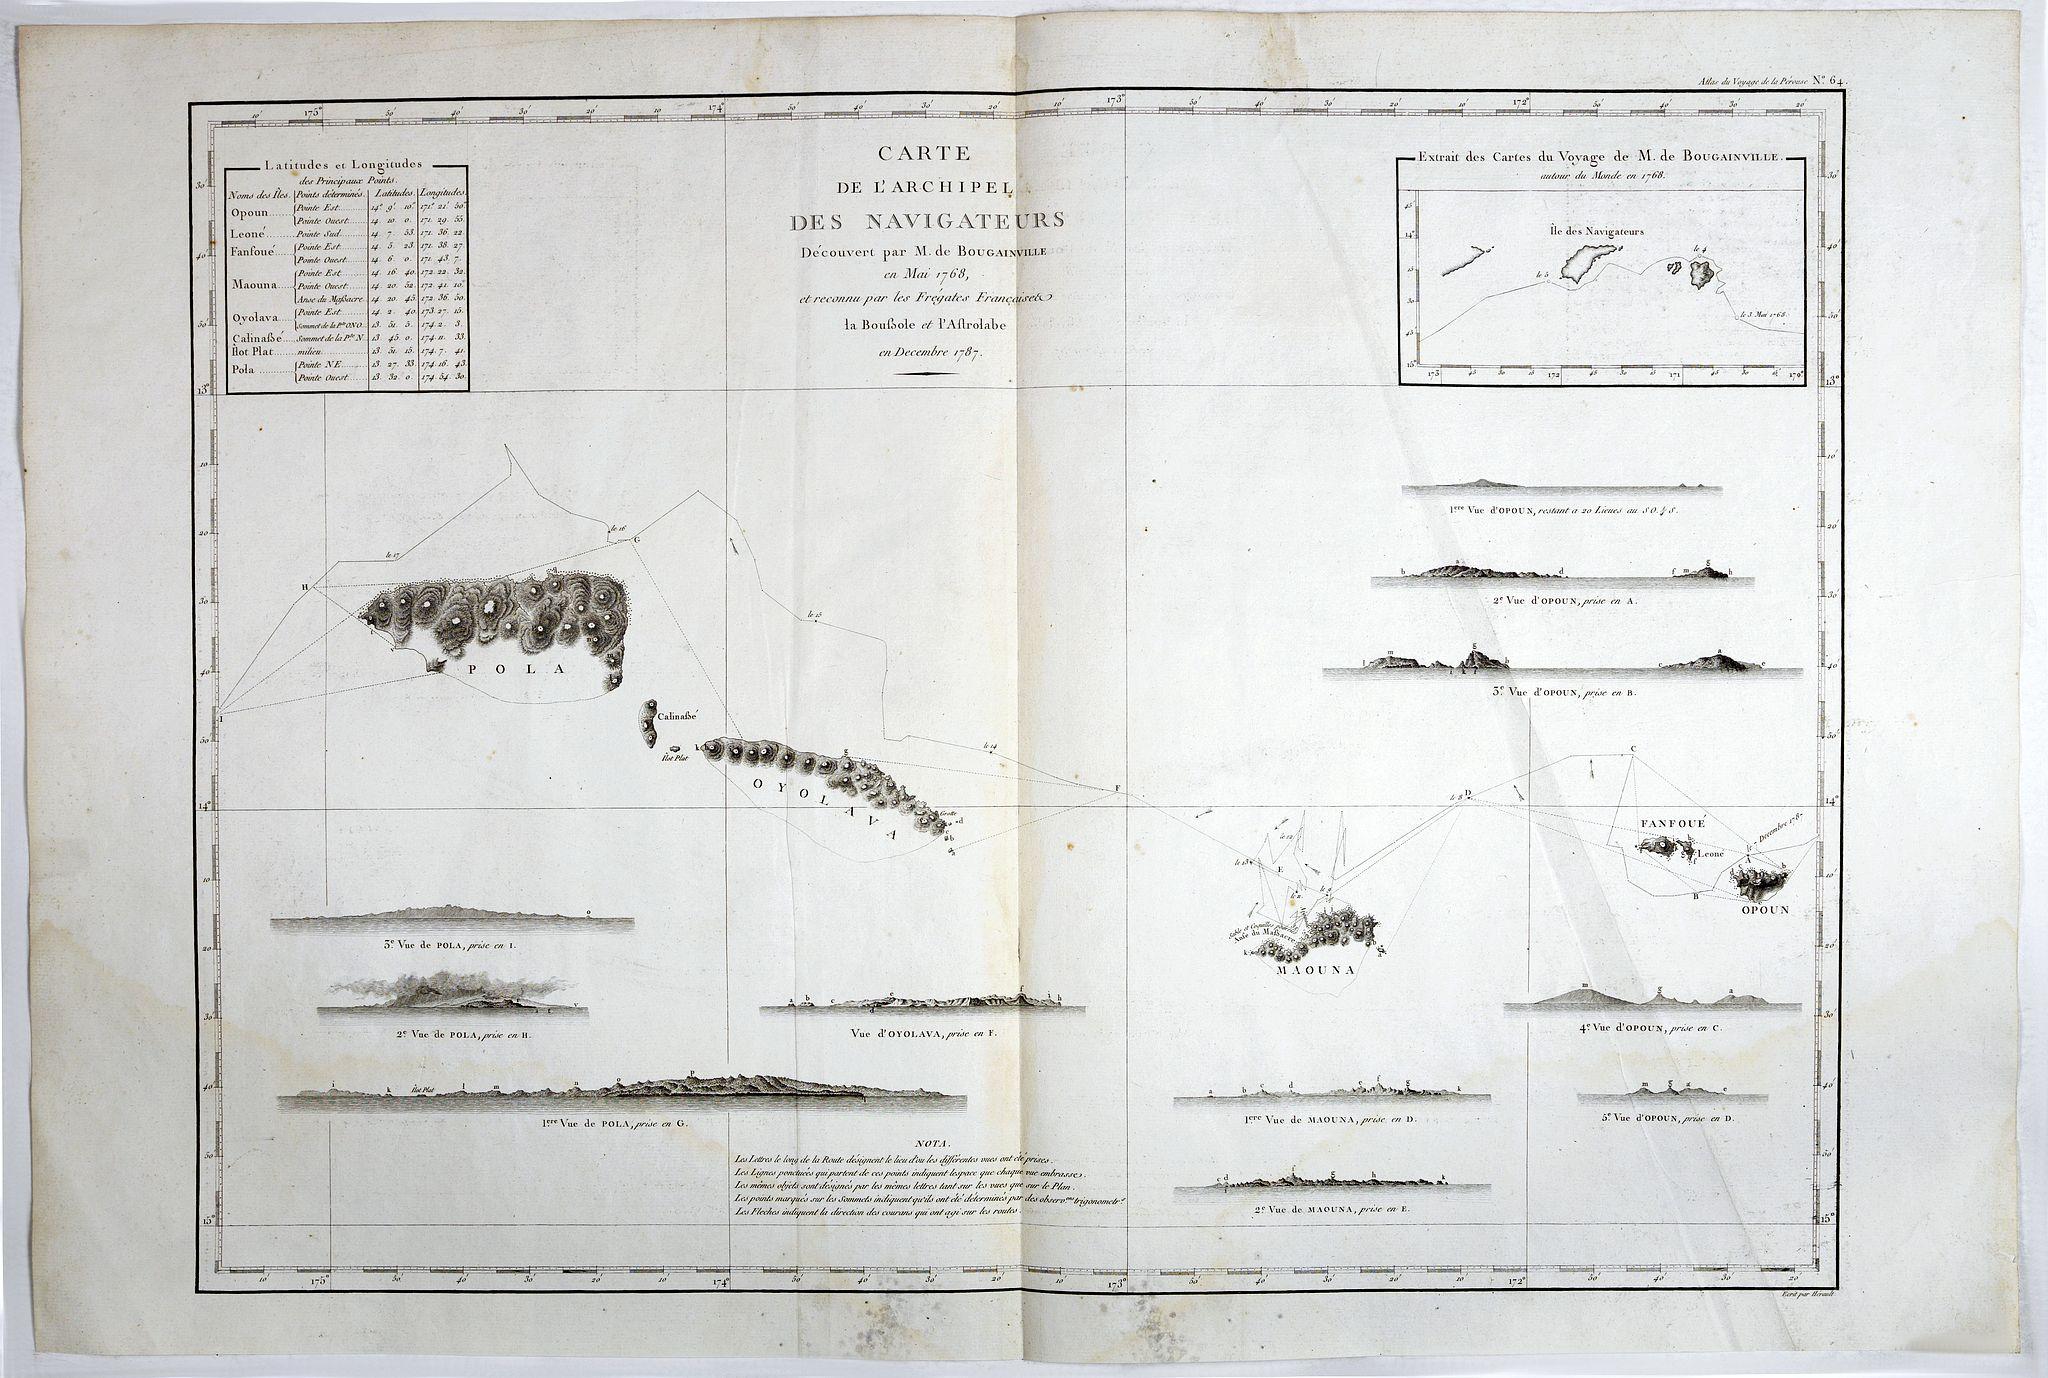 LA PEROUSE, Jean. - Carte de l'Archipel des Navigateurs, decouvert par M. de Bougainville en Mai 1768, et reconnu par les Fregates Francaises la Boussole et l'Astrolabe en Decembre 1787.